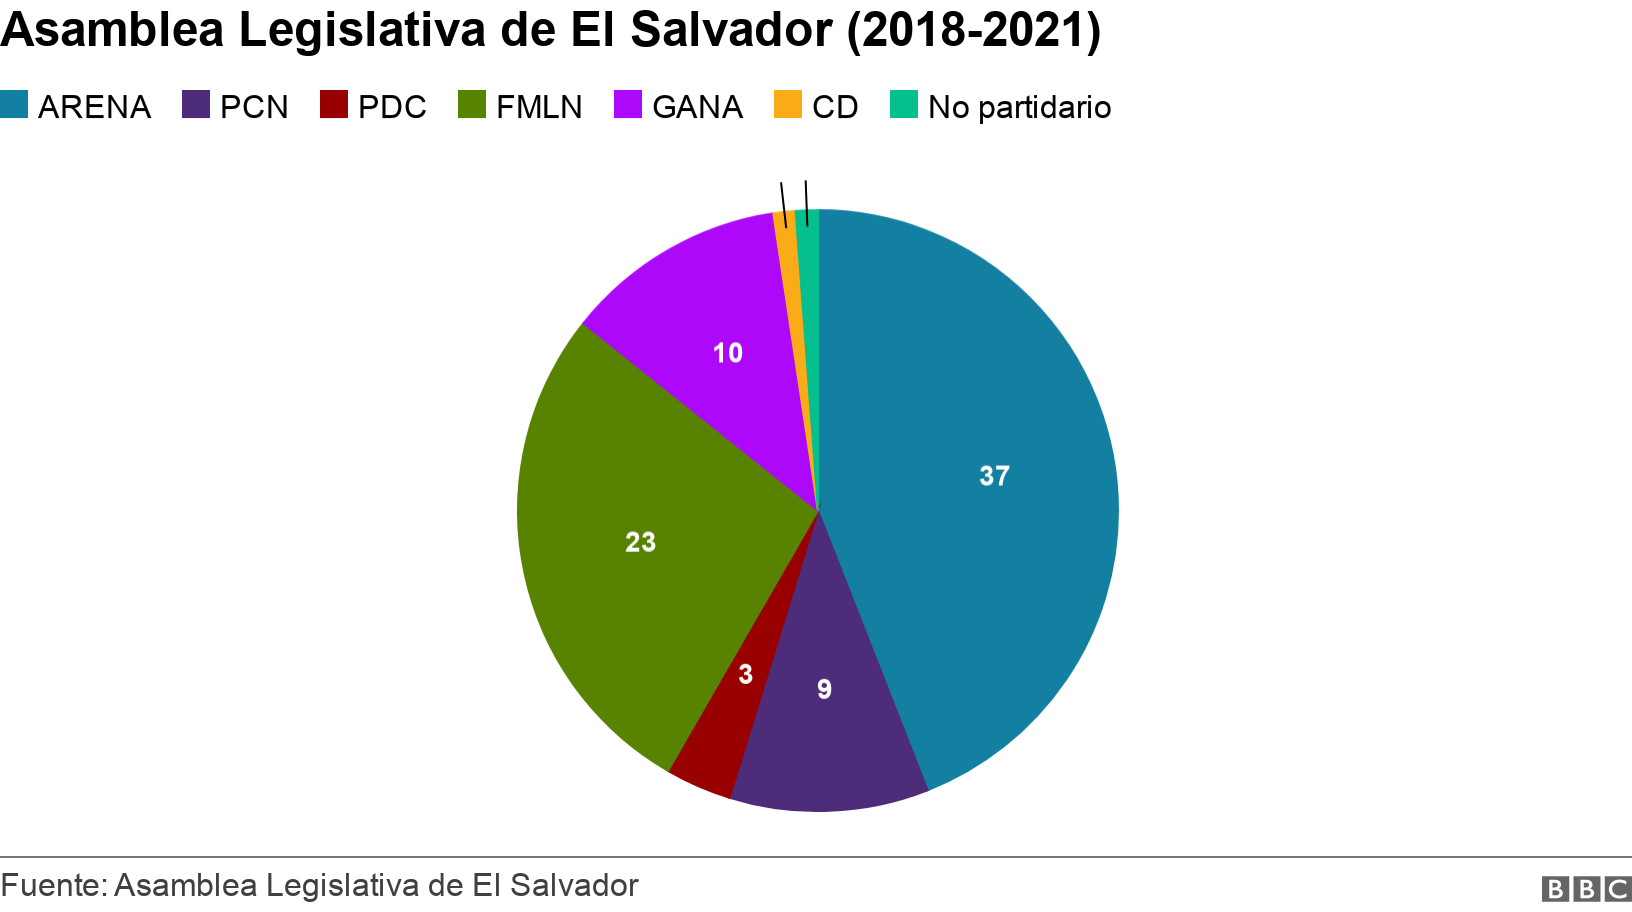 Asamblea Legislativa de El Salvador (2018-2021). . Gráfico de la Asamblea Legislativa de El Salvador .